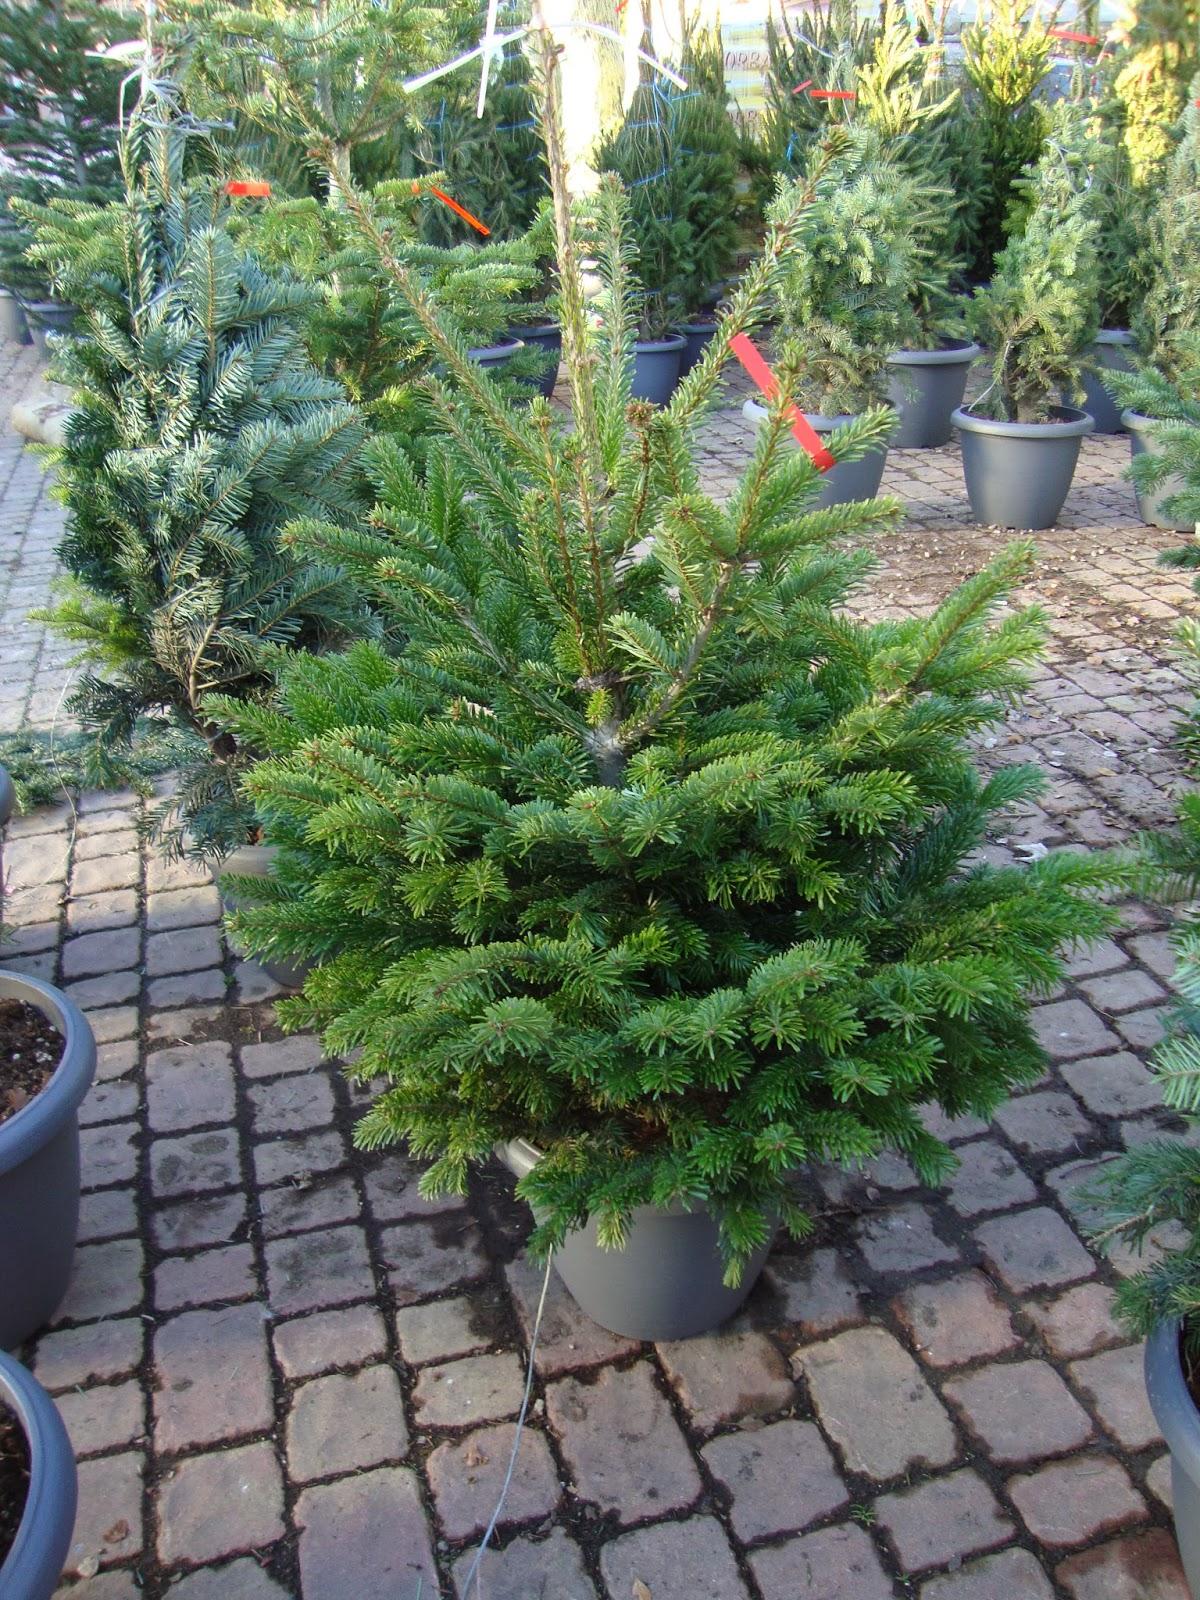 Un piccolo giardino in citt l 39 albero di natale vero una - Alberi giardino piccolo ...